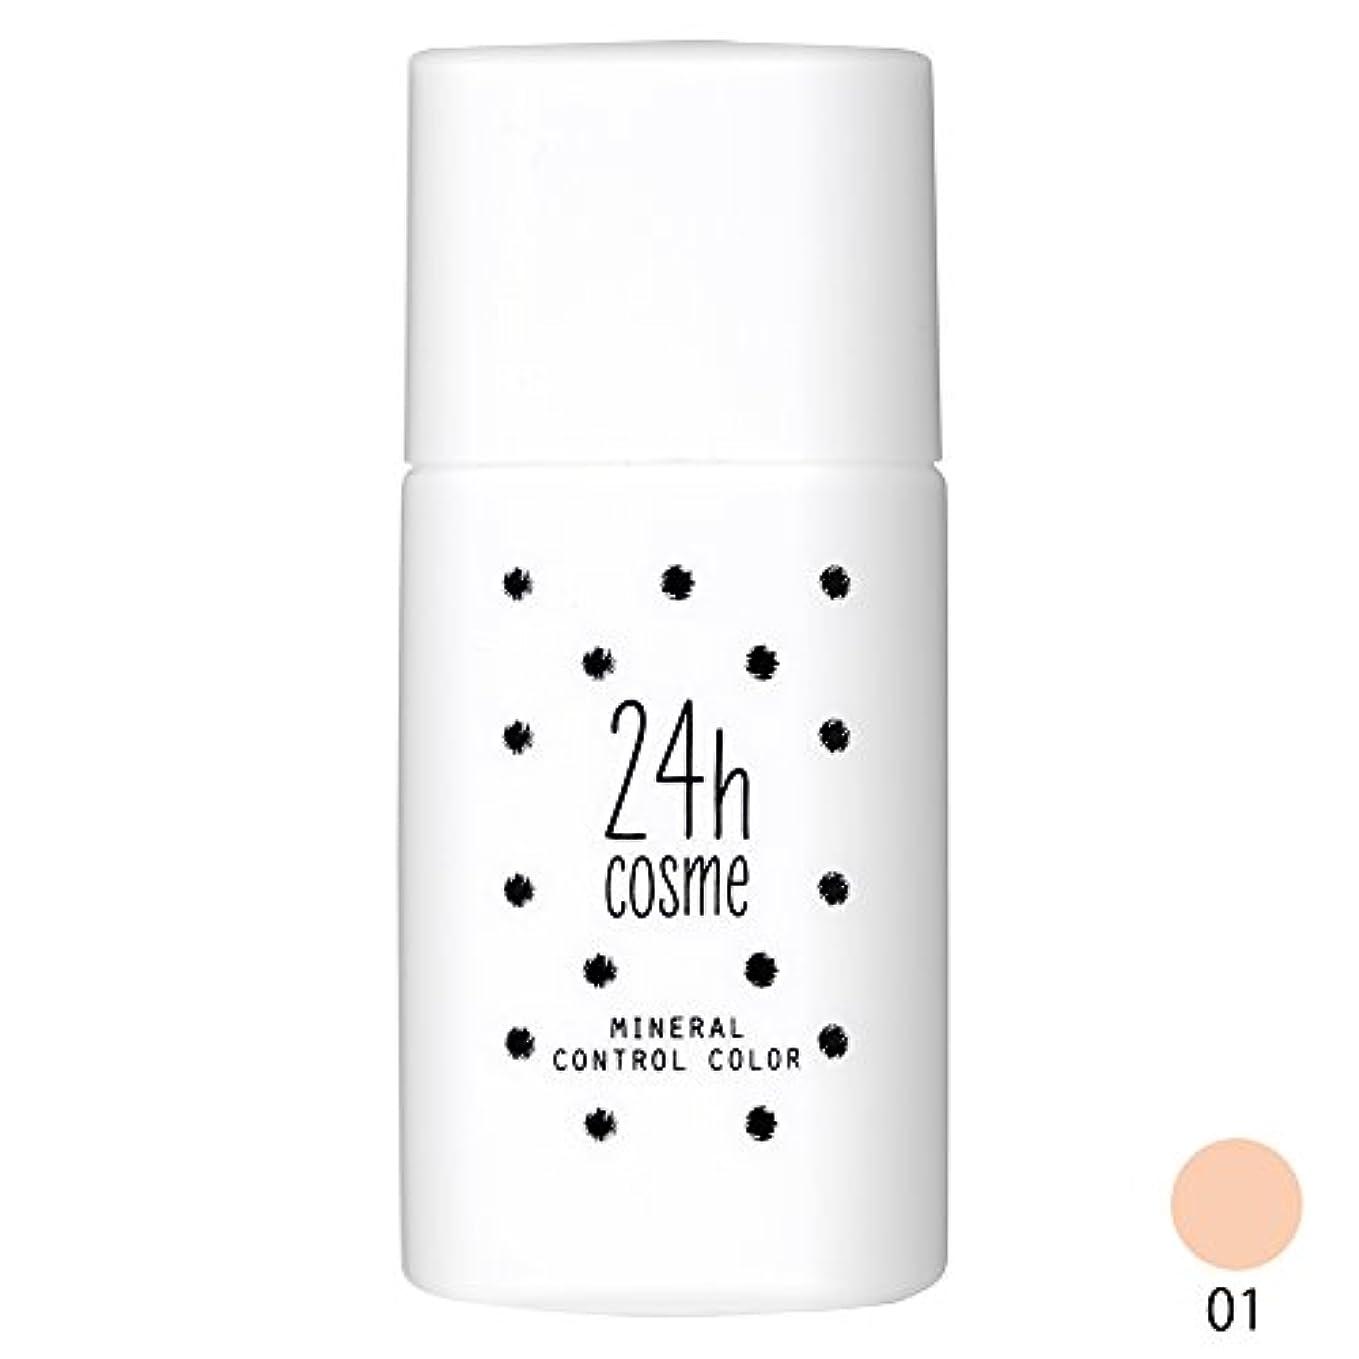 ピケスペル自伝24h cosme 24 コントロールベースカラー 01ブライトピンク 肌に優しい化粧下地 20ml